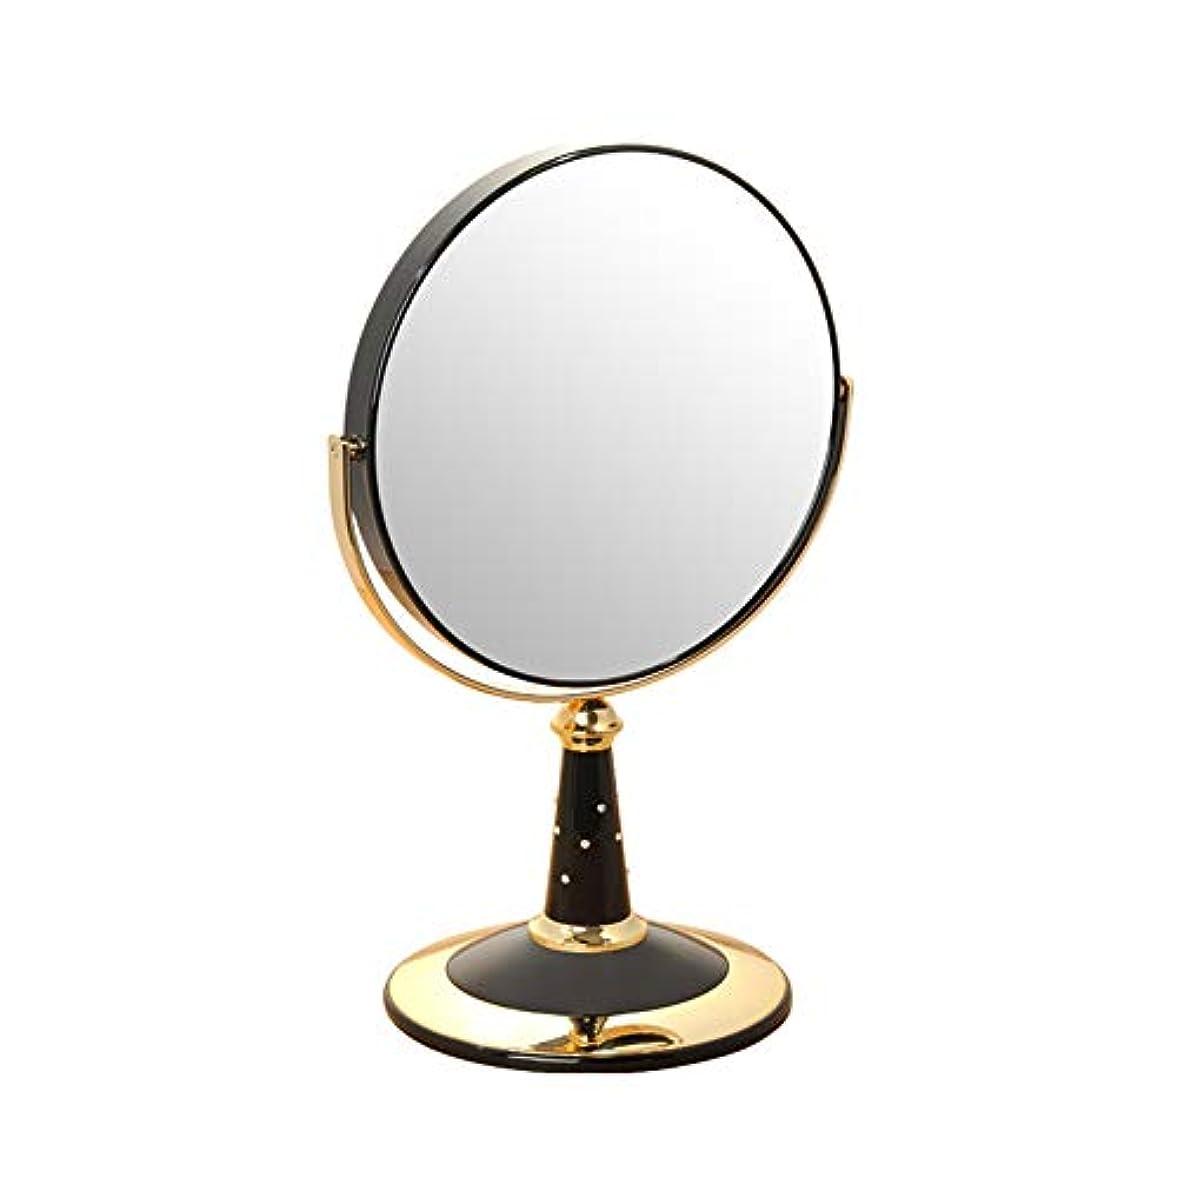 作者リスト光景DNSJB 7インチのバニティミラー、360度回転する拡大鏡、4色のドレッシングテーブルメイクアップミラー (Color : Black)